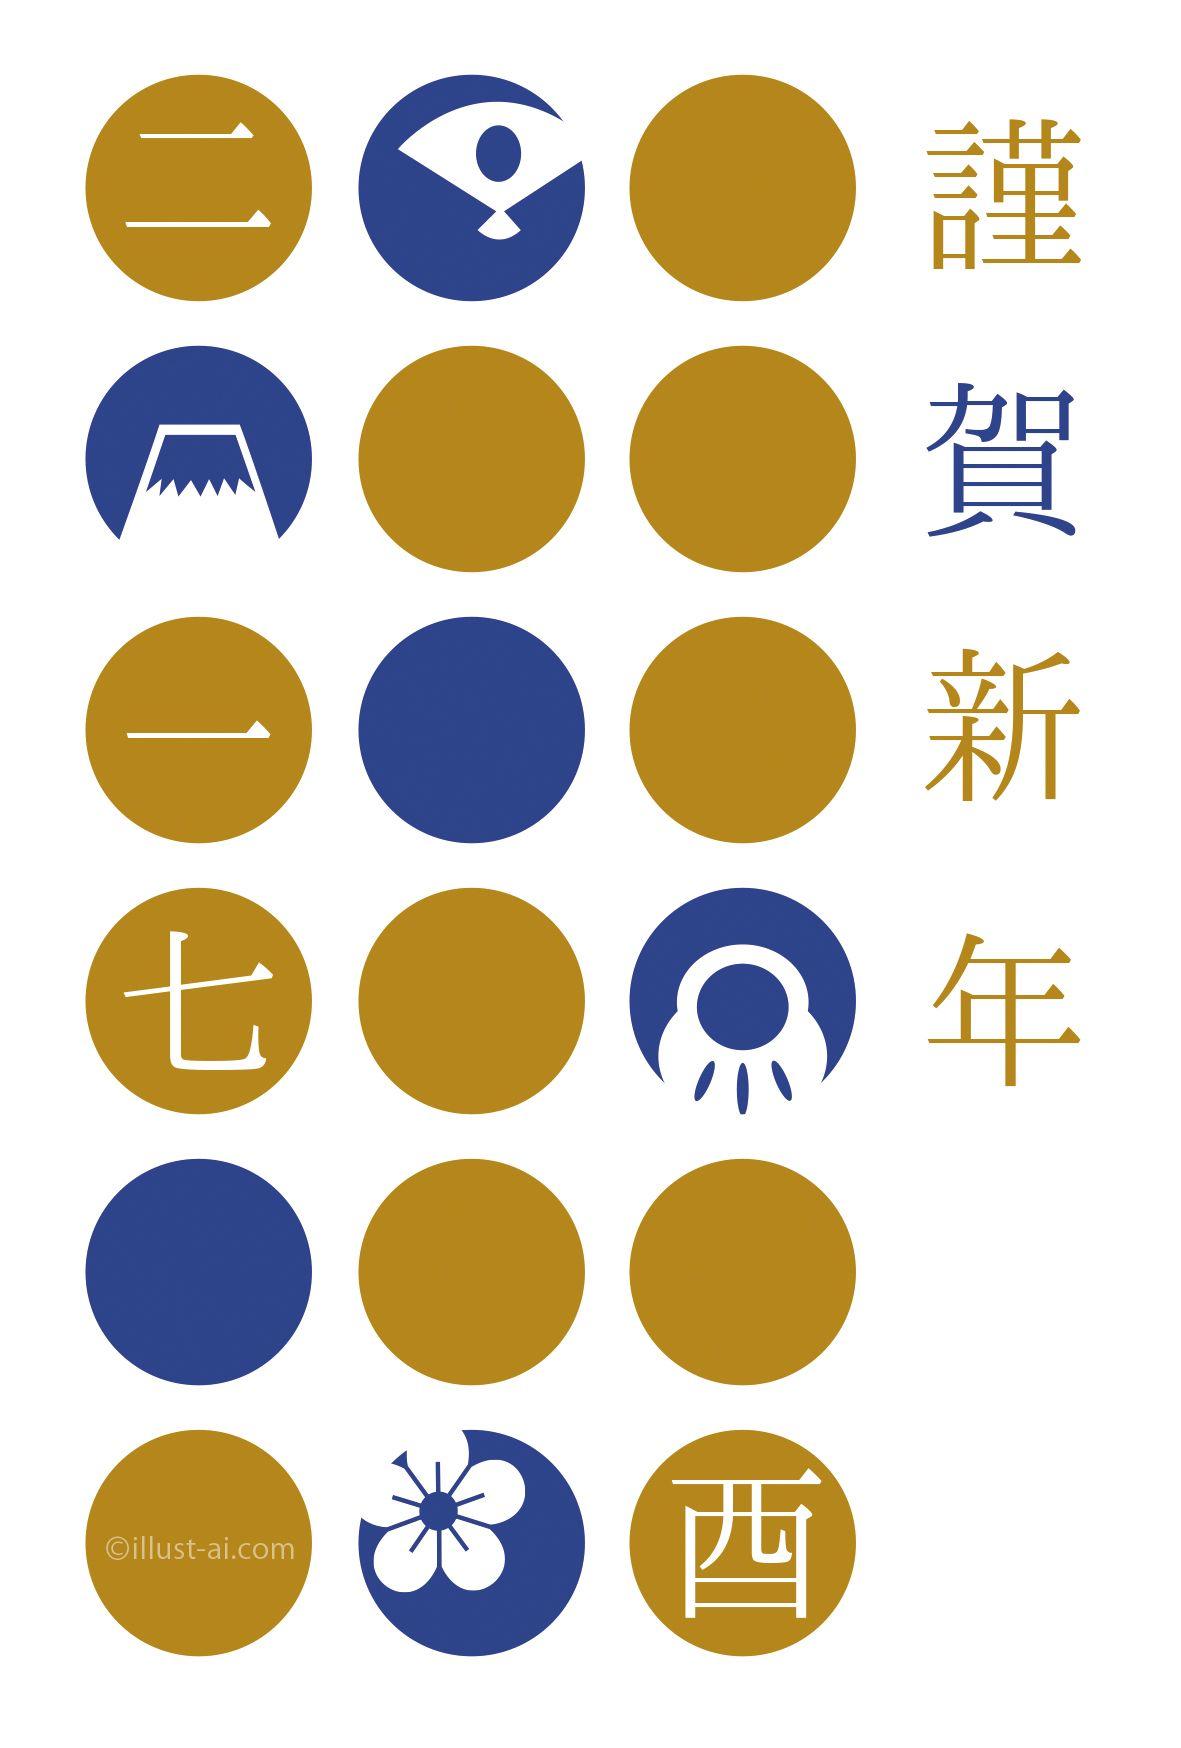 お正月ドット 年賀状 2017 和風 無料 イラスト   for design_asian